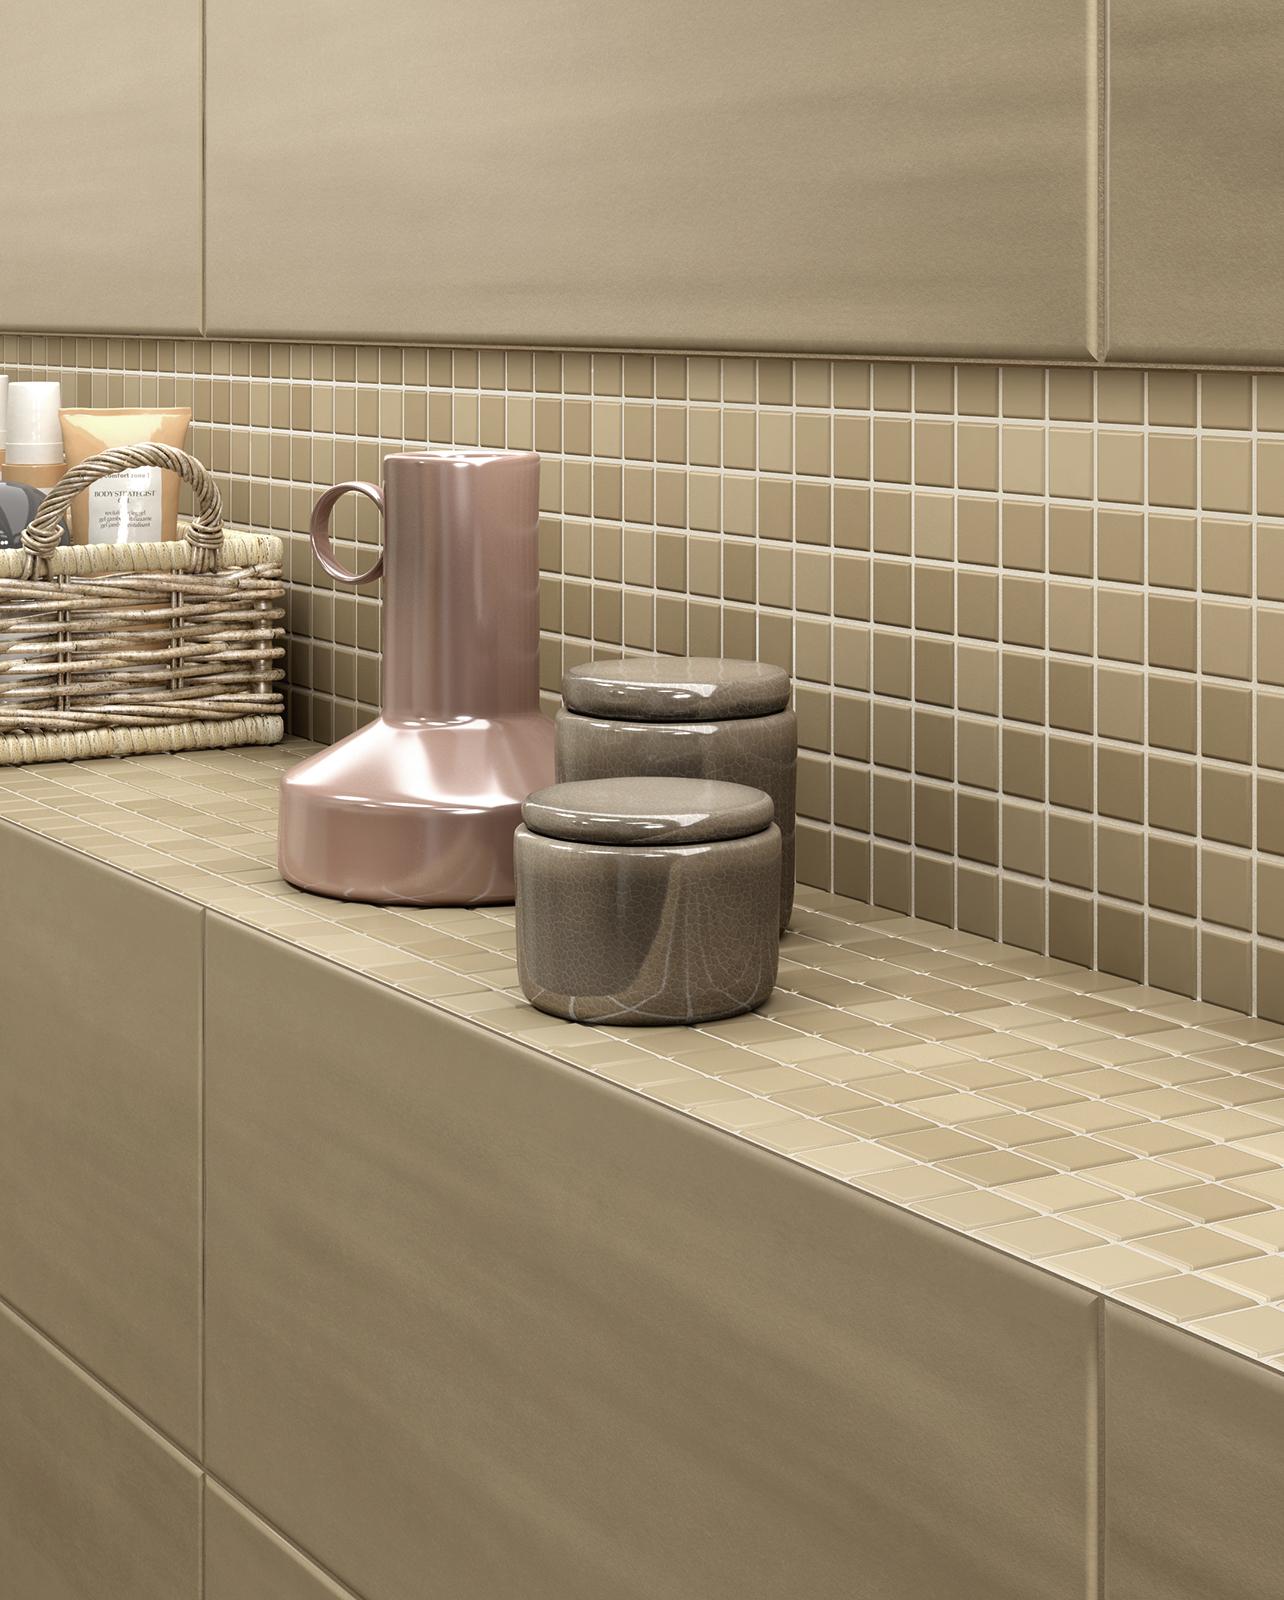 Piastrelle a mosaico per bagno e altri ambienti marazzi - Piastrelle cucina rosse ...